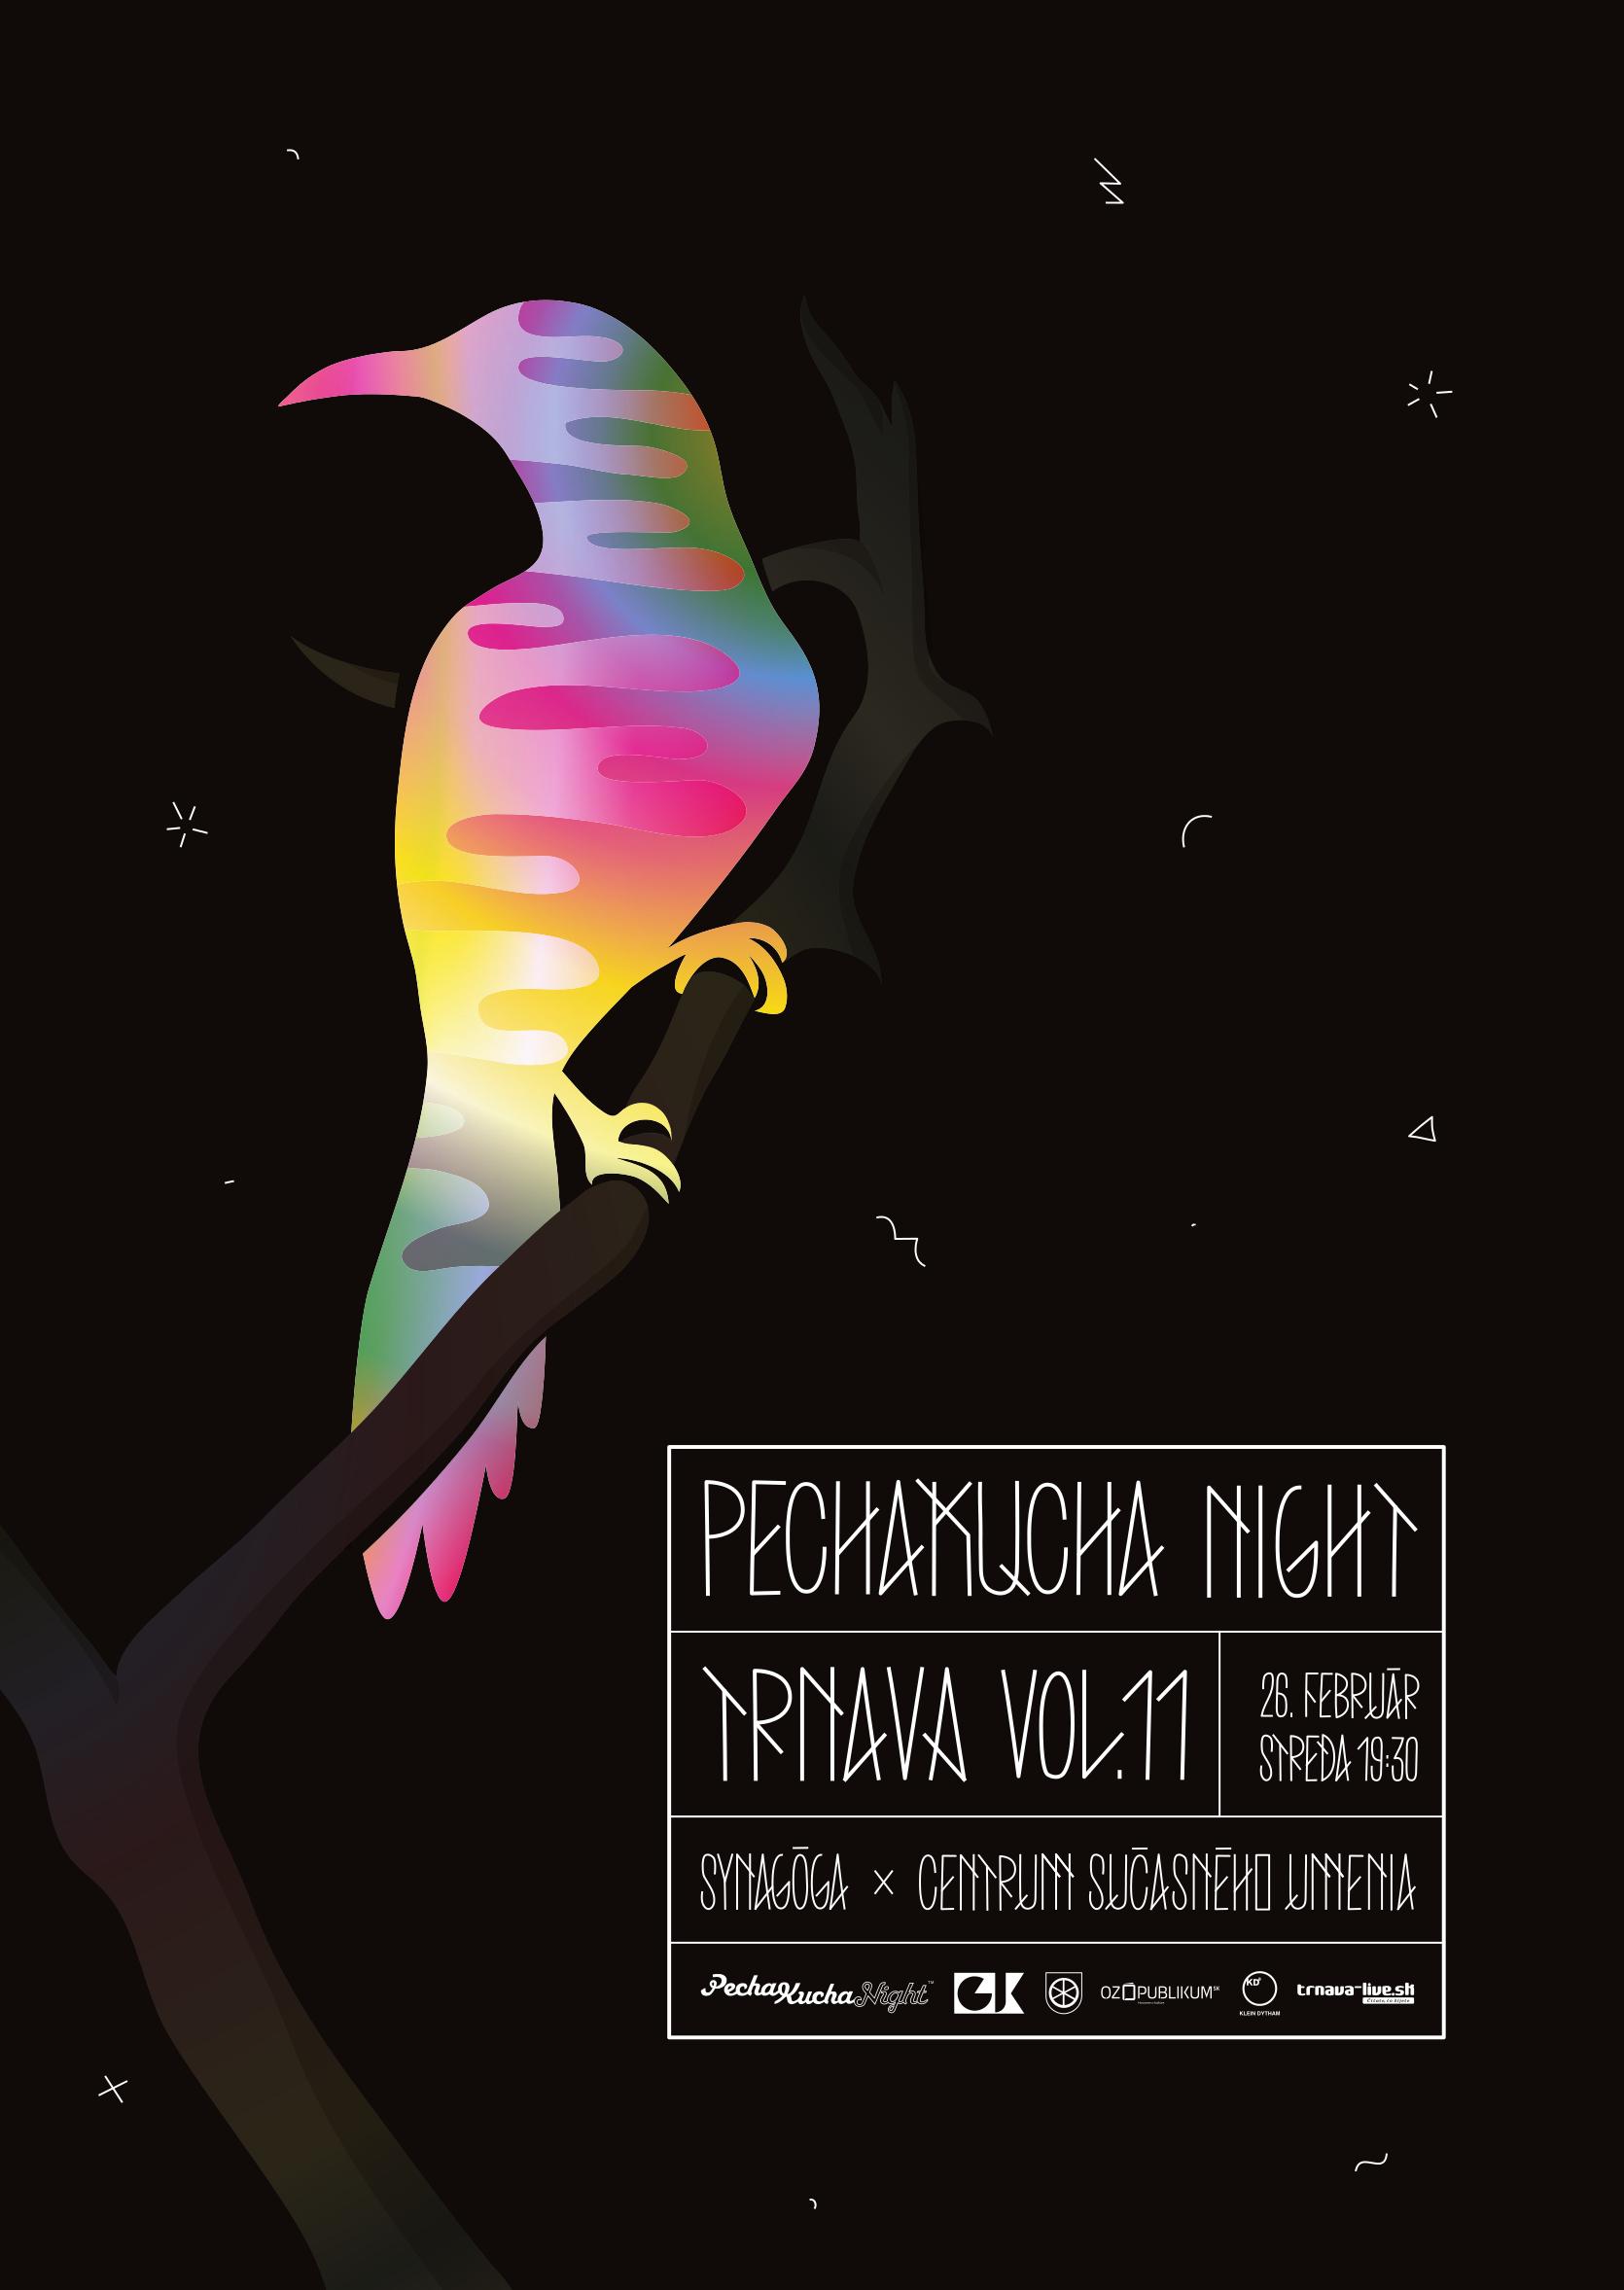 Poster pre PKN Trnava vol. 11 od Tomáša Rybára